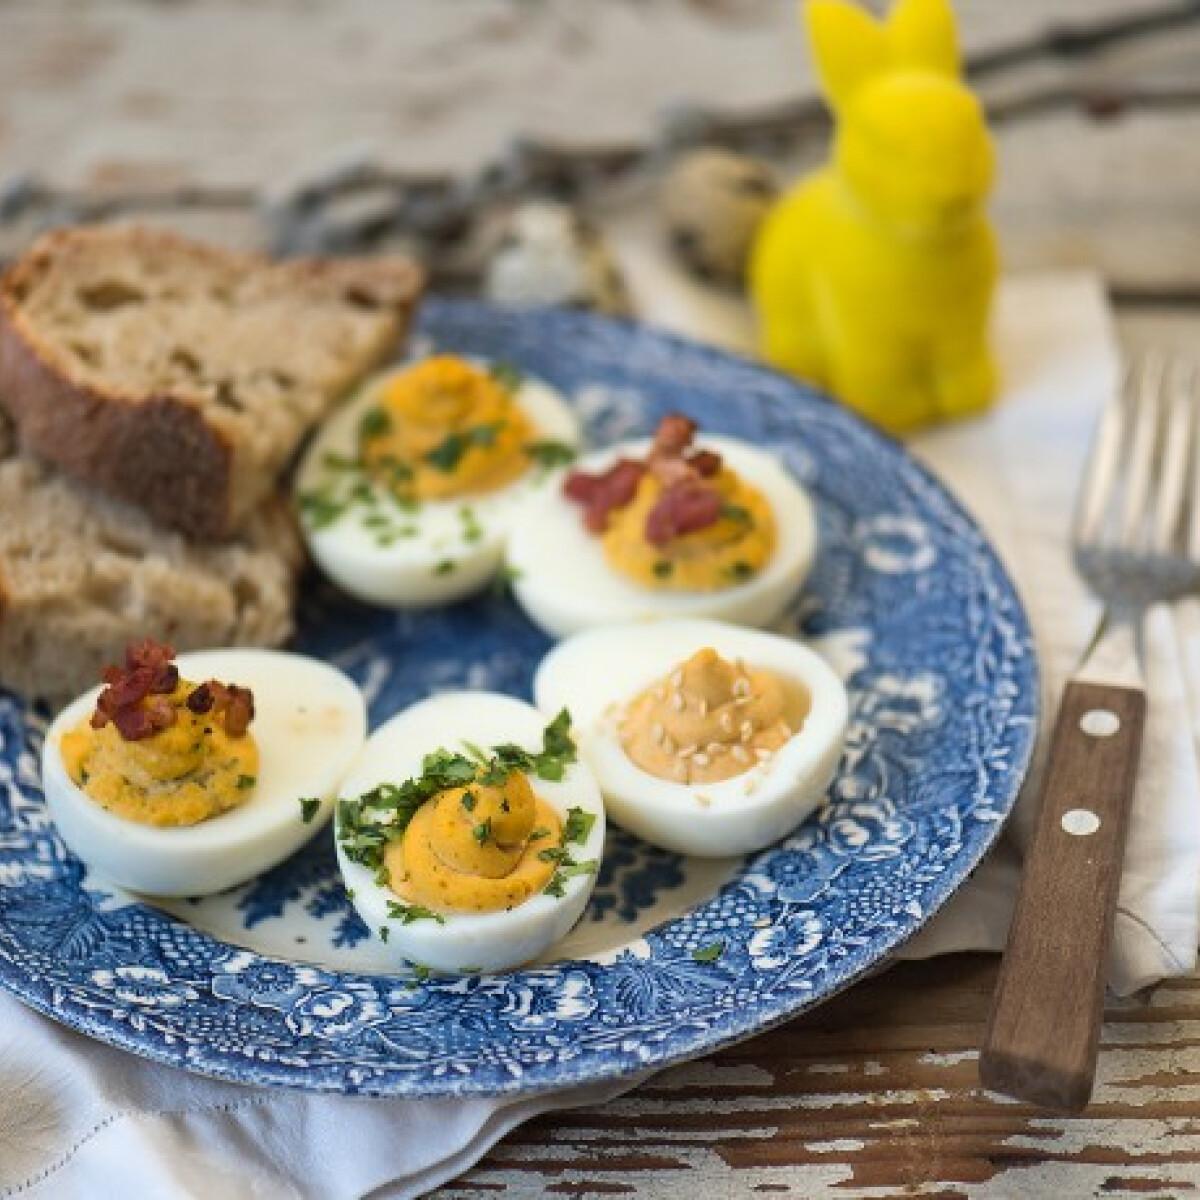 Ezen a képen: Töltött tojás három változatban